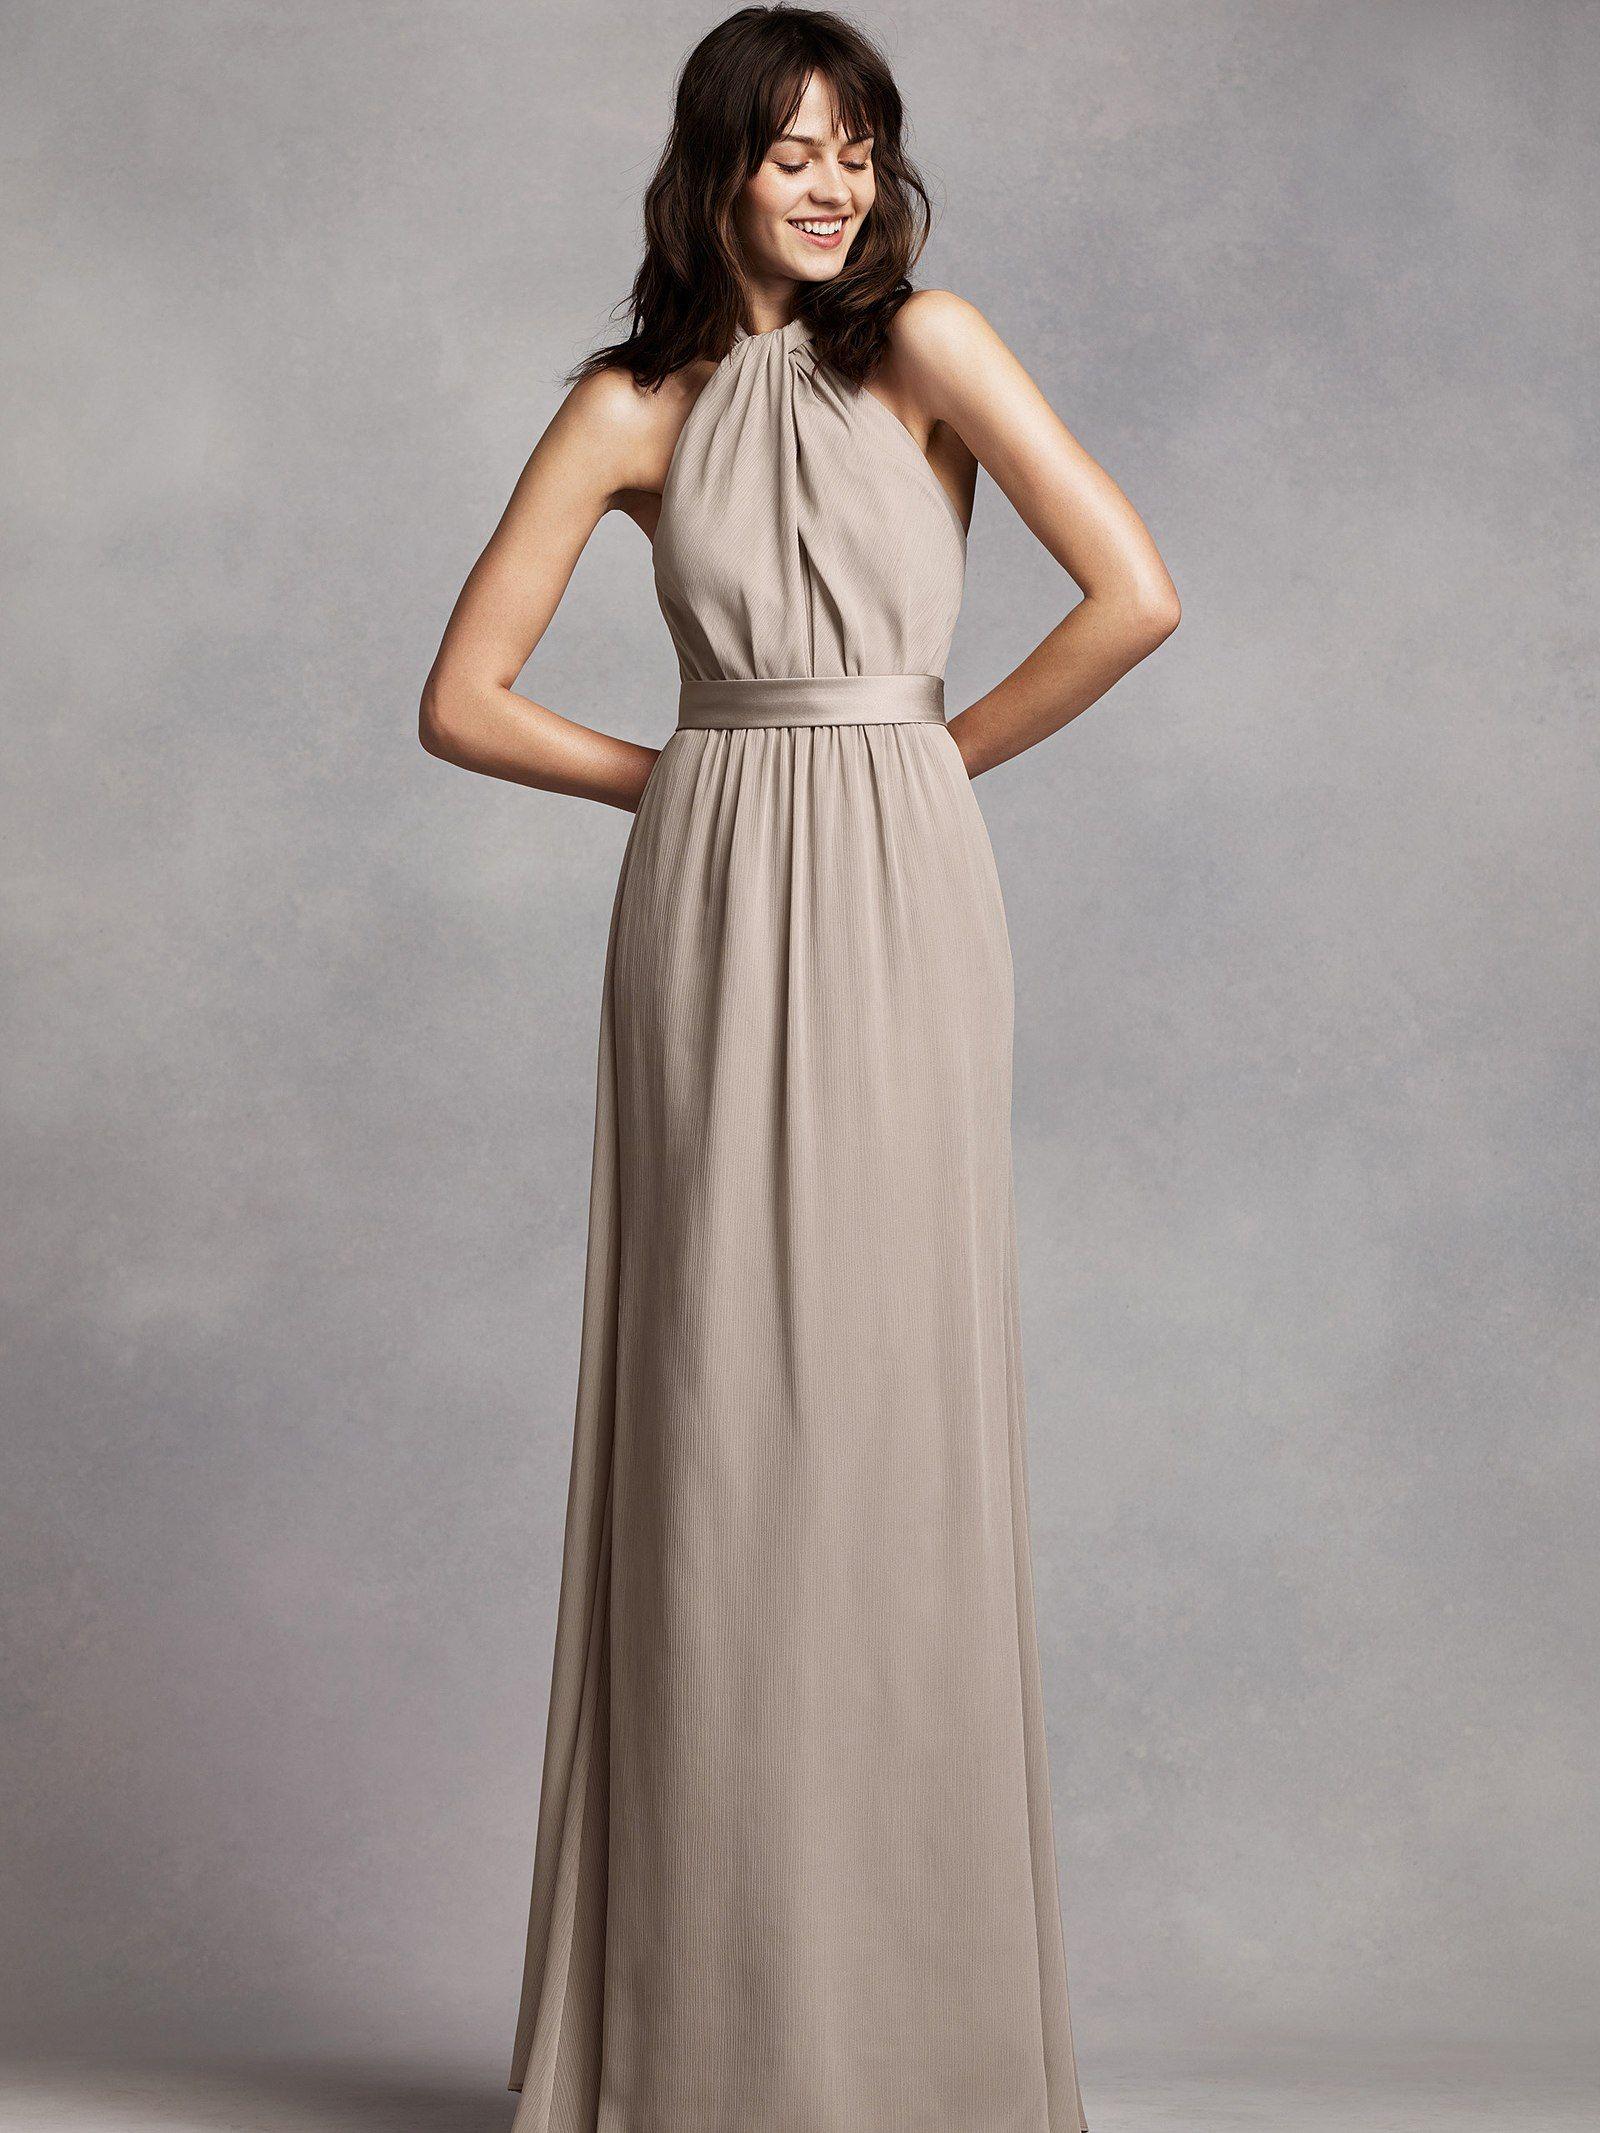 669a6d9d3ef Vera Wang Bridesmaid Dresses Sale